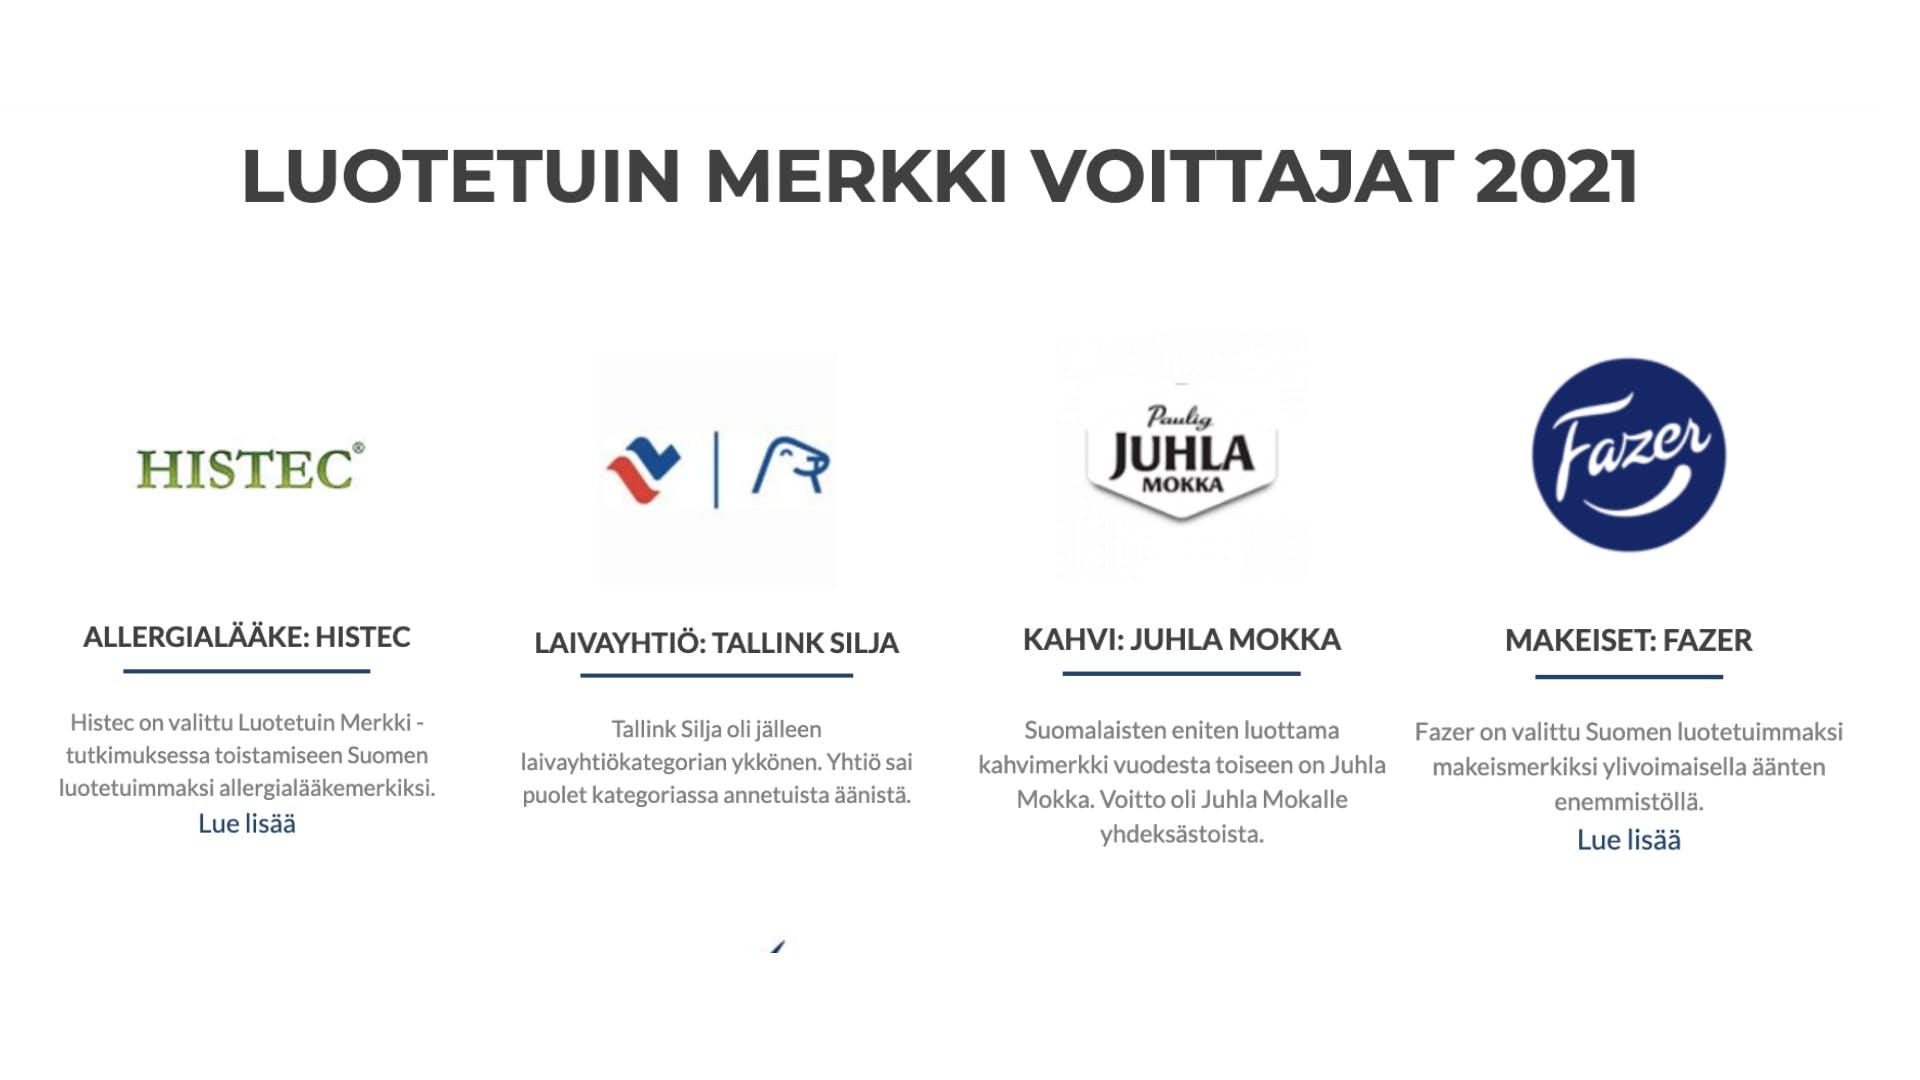 Luotetun merkin voittajat 2021 - yritysten logot ja tekstiä